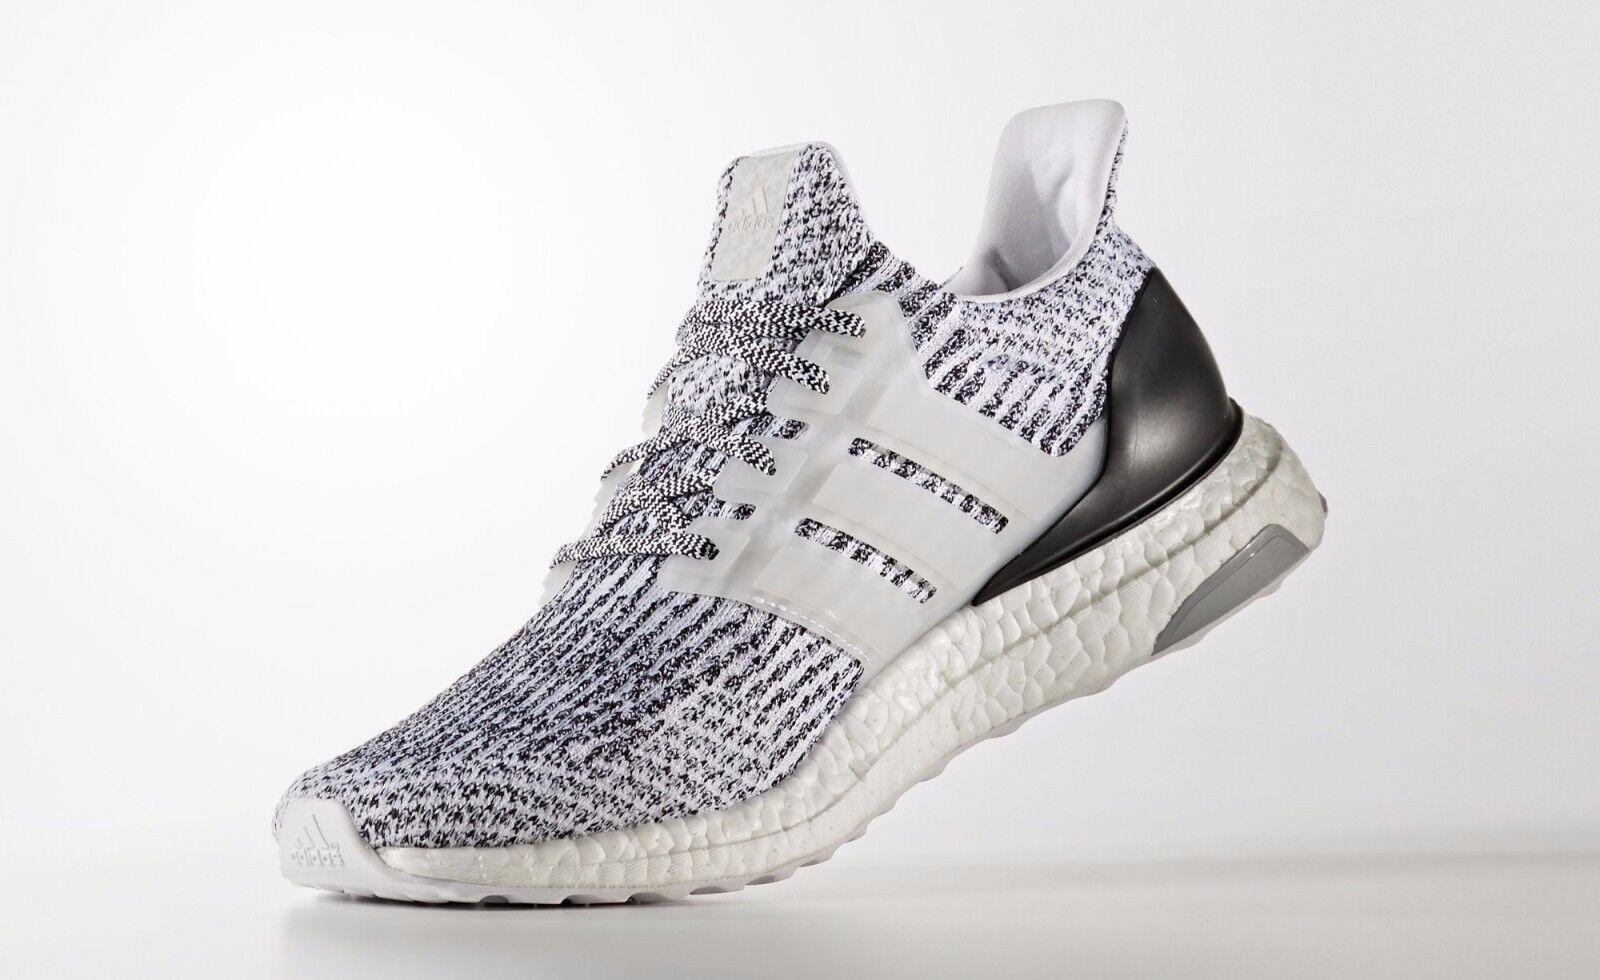 Adidas Ultra Boost 3.0 Oreo Zebra Size 9.5. S80636 yeezy nmd pk